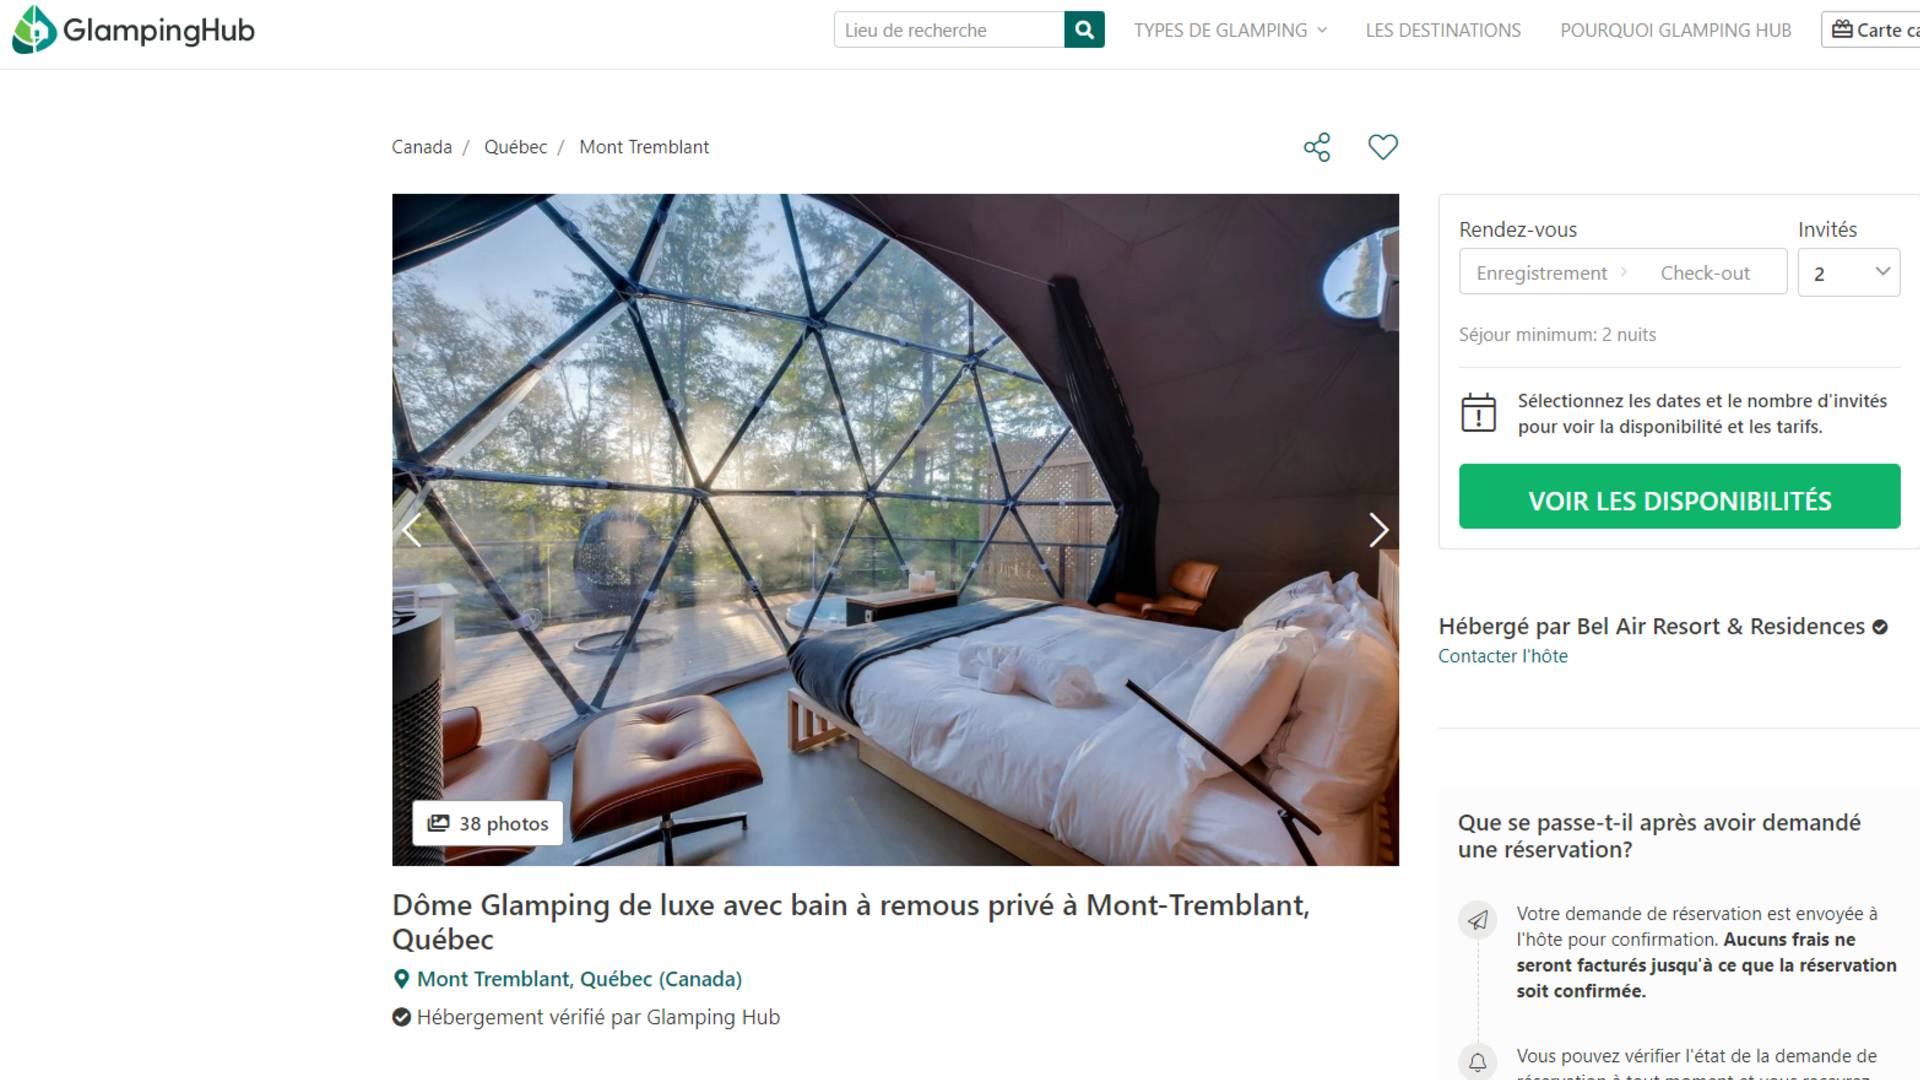 Site Web pour trouver un site de Glamping au Québec